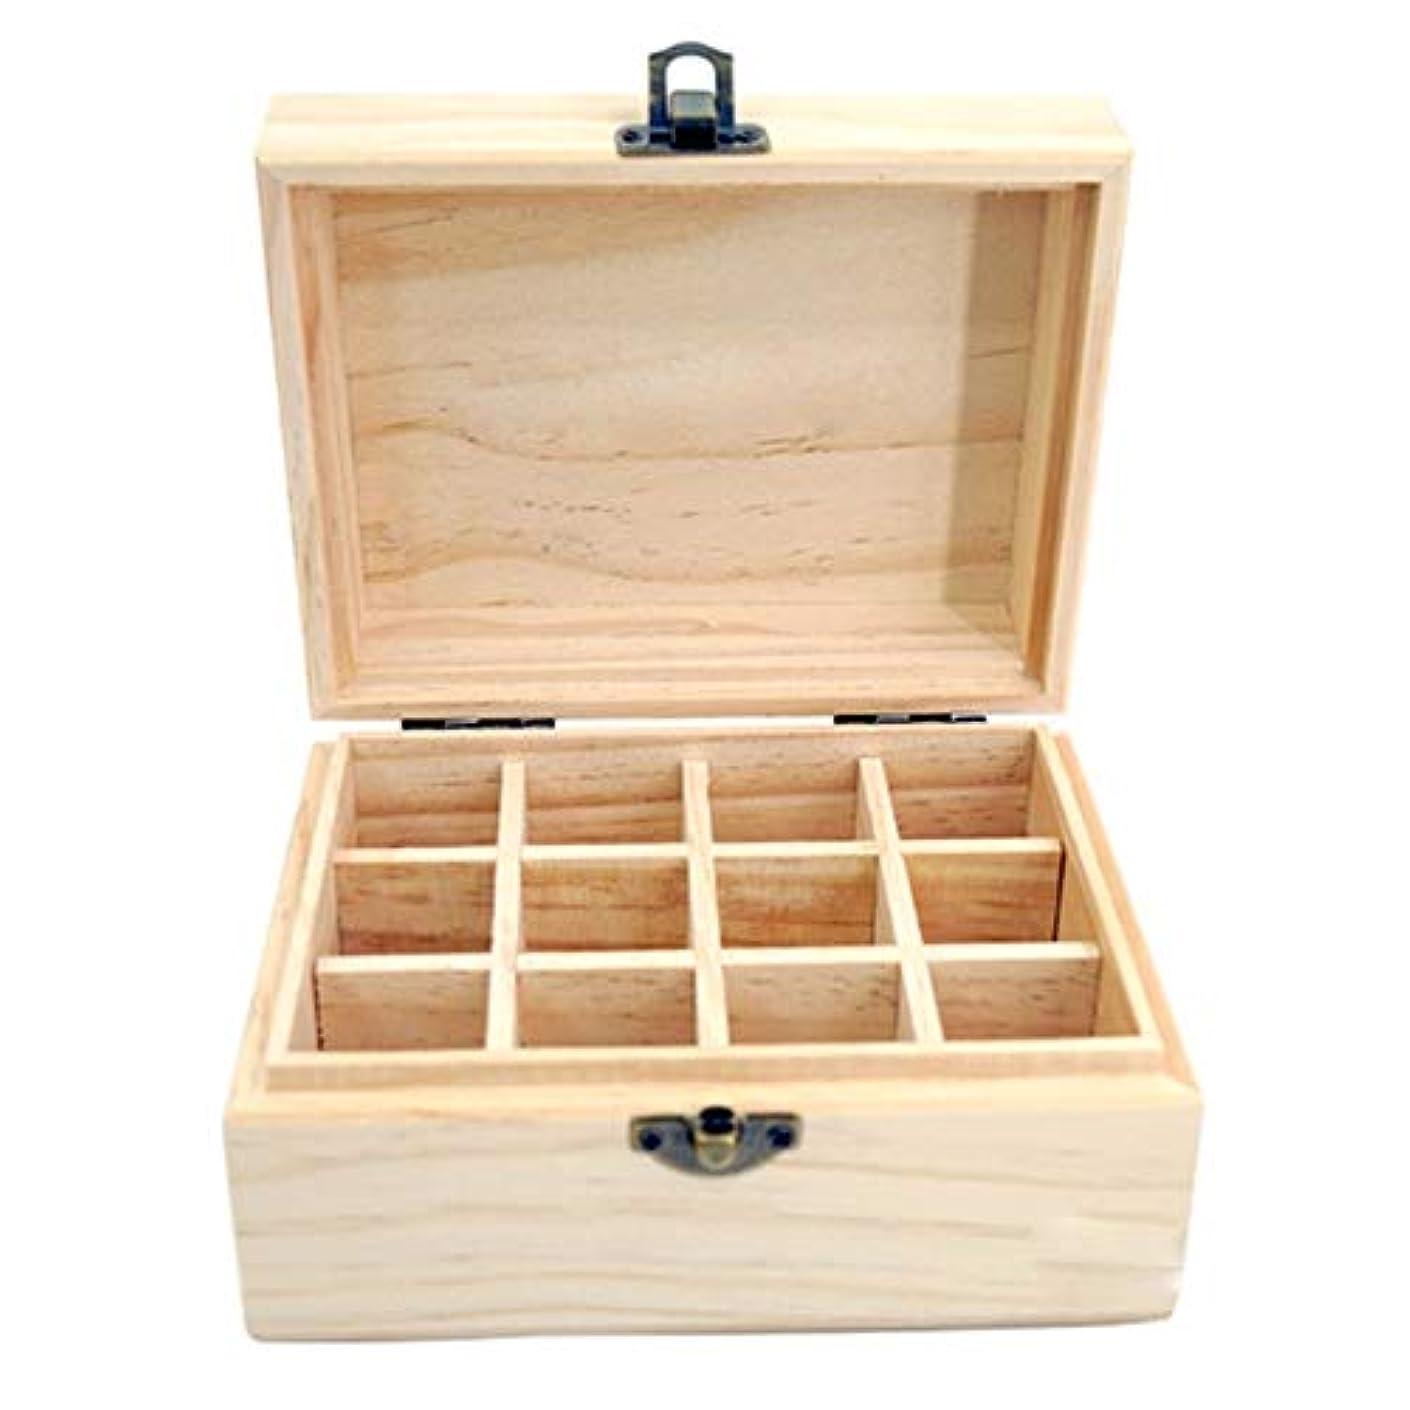 優れたランダムよろしくエッセンシャルオイルの保管 12スロットエッセンシャルオイル木箱の収納ケースは、あなたの油安全保護さを保つ保護します (色 : Natural, サイズ : 15X11.5X8CM)